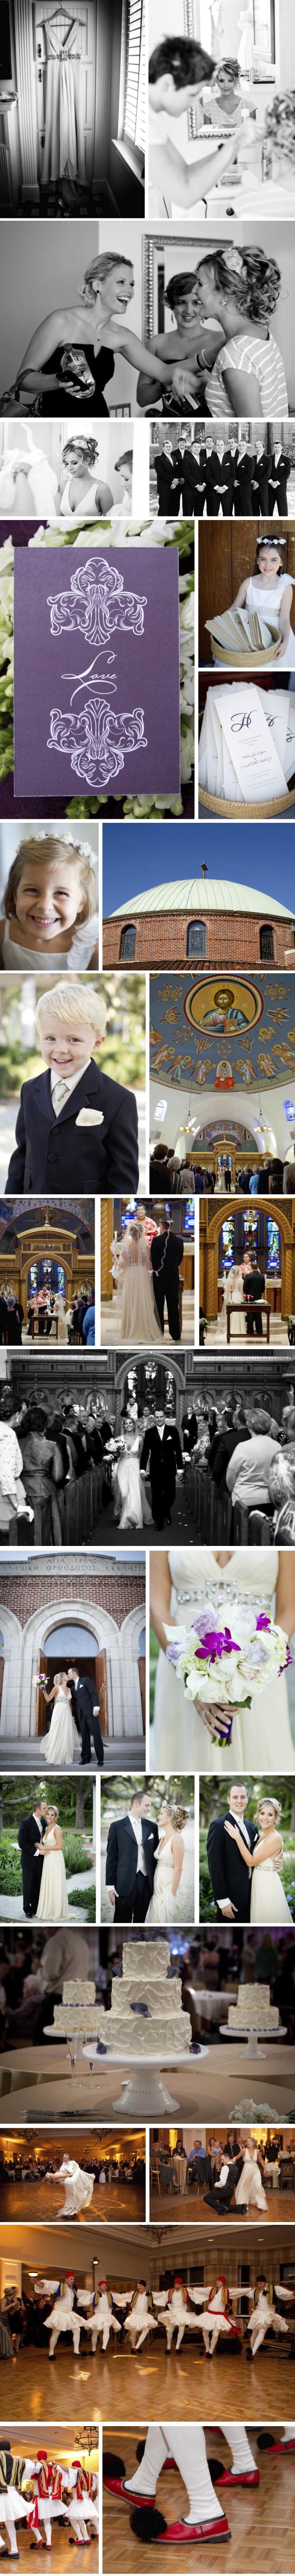 Wedding blogs | wedding ideas